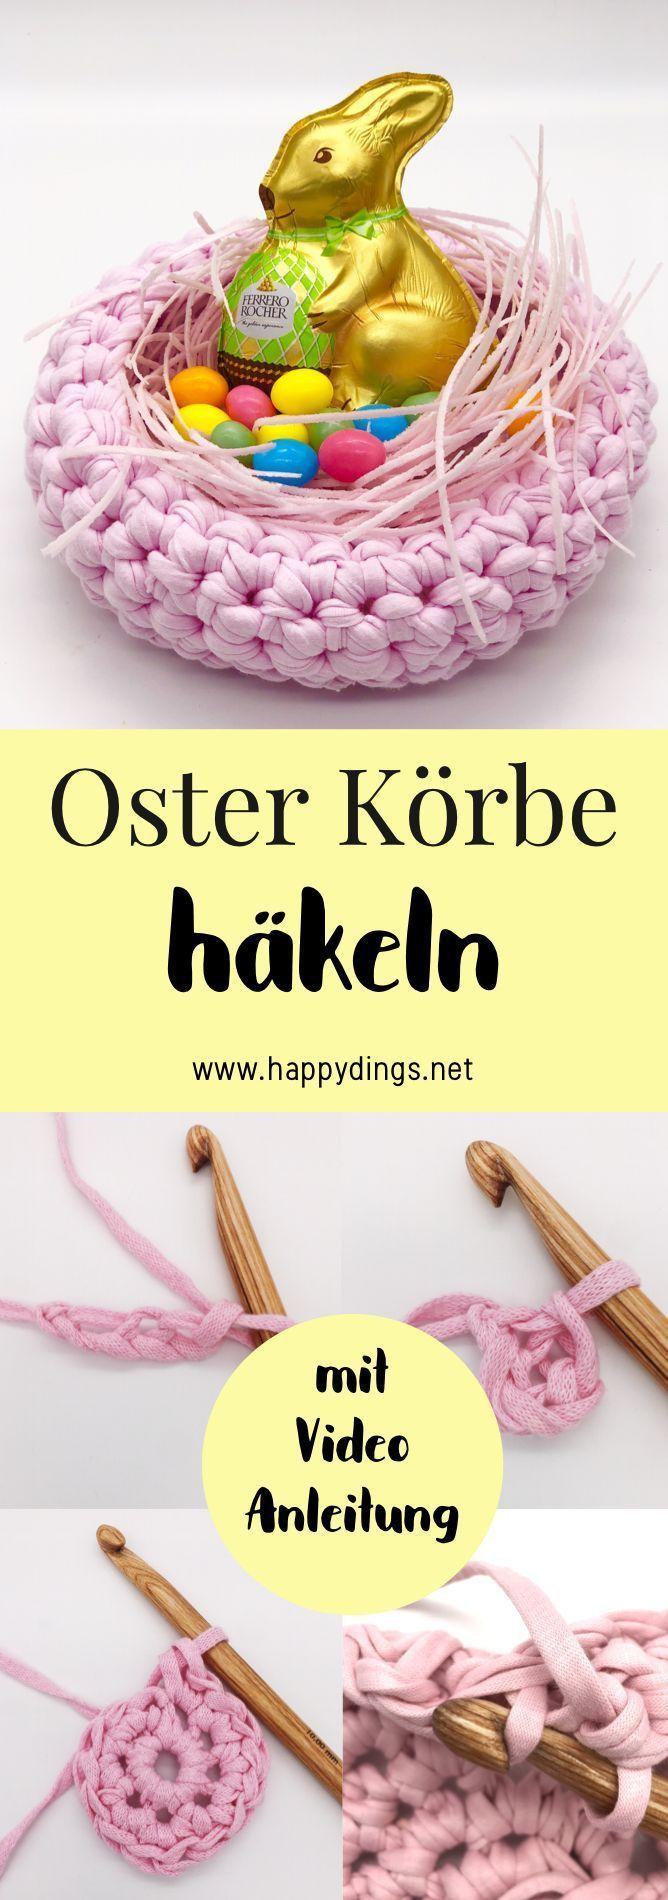 Photo of Häkelkörbe – lebende Ideen und DIY-Dekoration mit OTTO mit Video